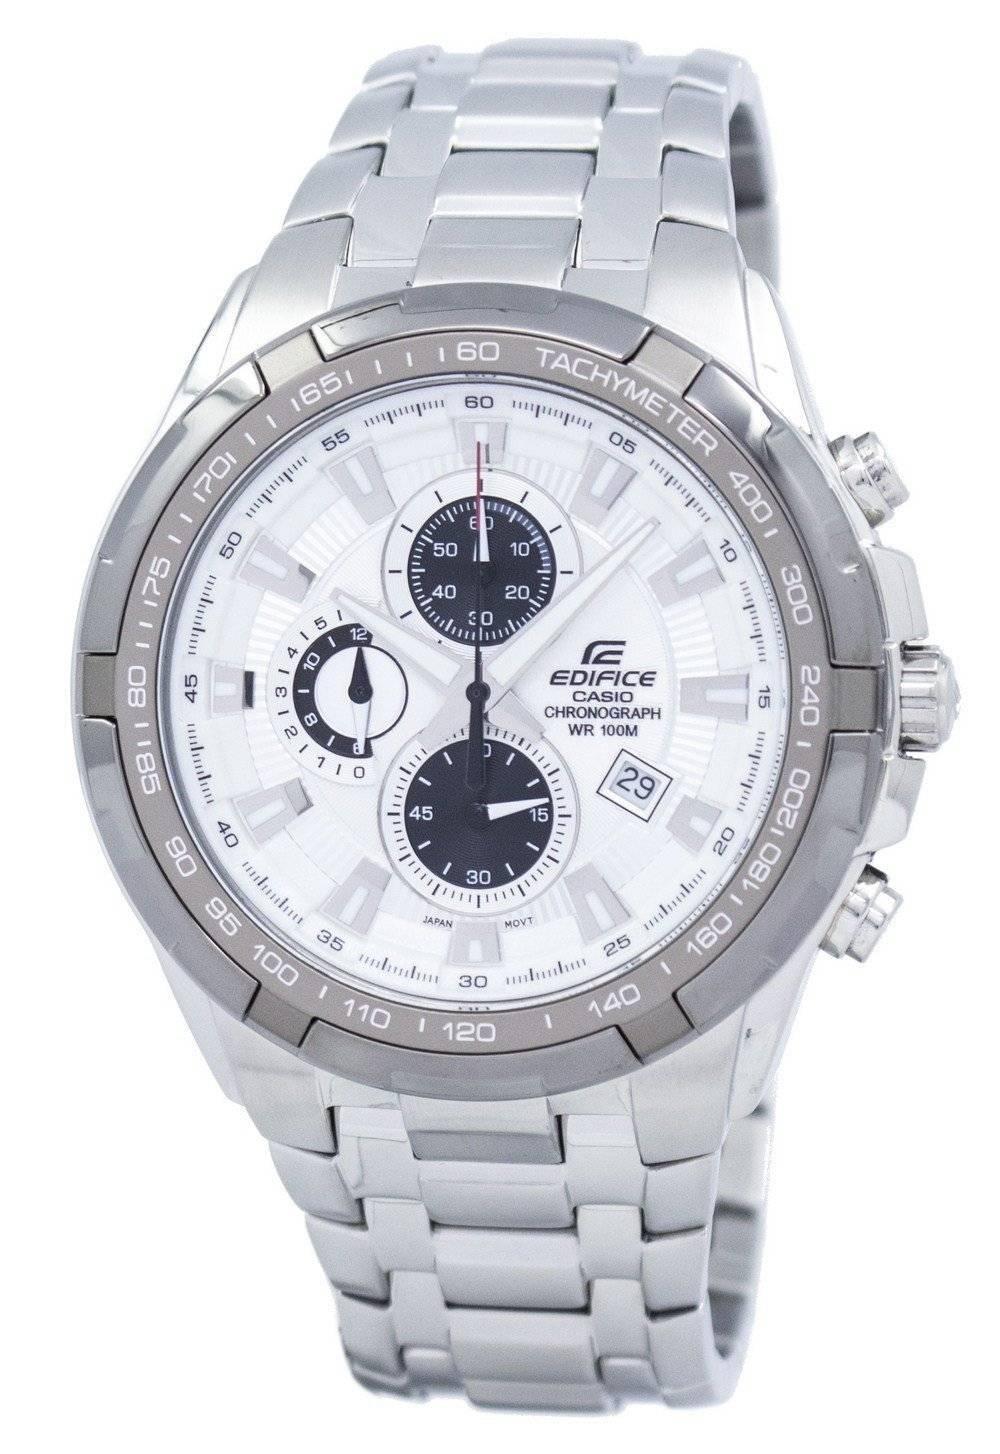 44025eb32d51 Reloj Casio Edifice Cronógrafo Tacógrafo EF-539D-7AV EF539D-7AV para hombre